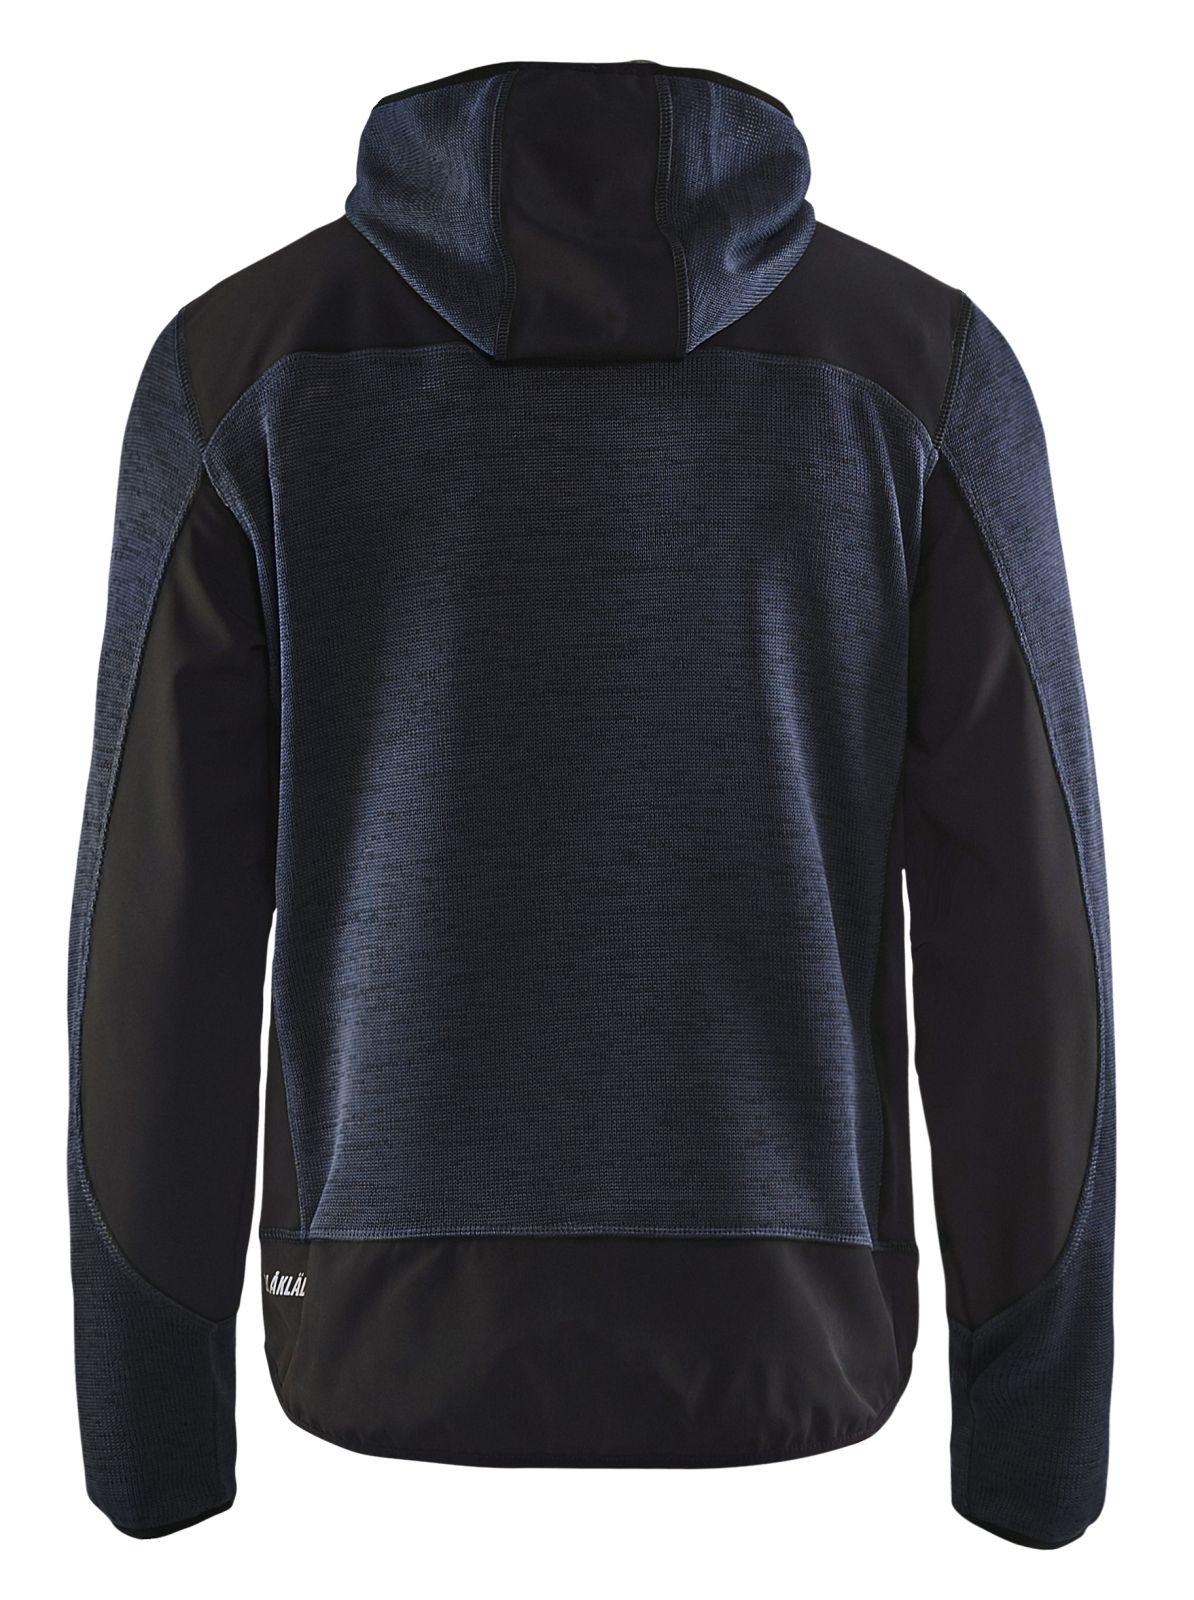 Blaklader Gebreide vesten 49302117 donker marineblauw-zwart(8699)